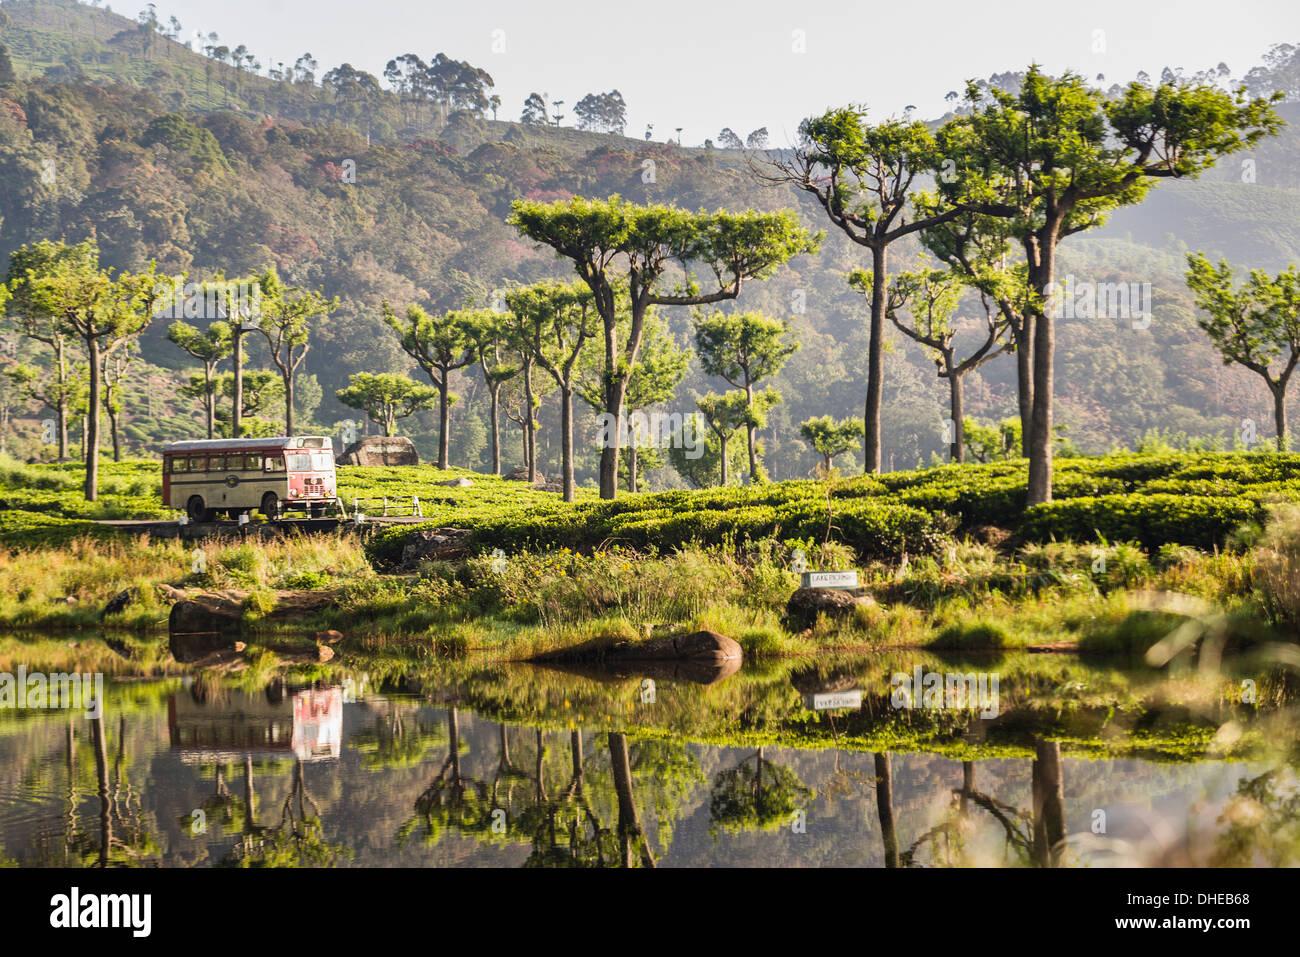 Haputale, Reflexionen von einem öffentlichen Bus in einem See in Nuwara Eliya-Distrikt, Sri Lanka Hill Country, Sri Lanka, Asien Stockbild